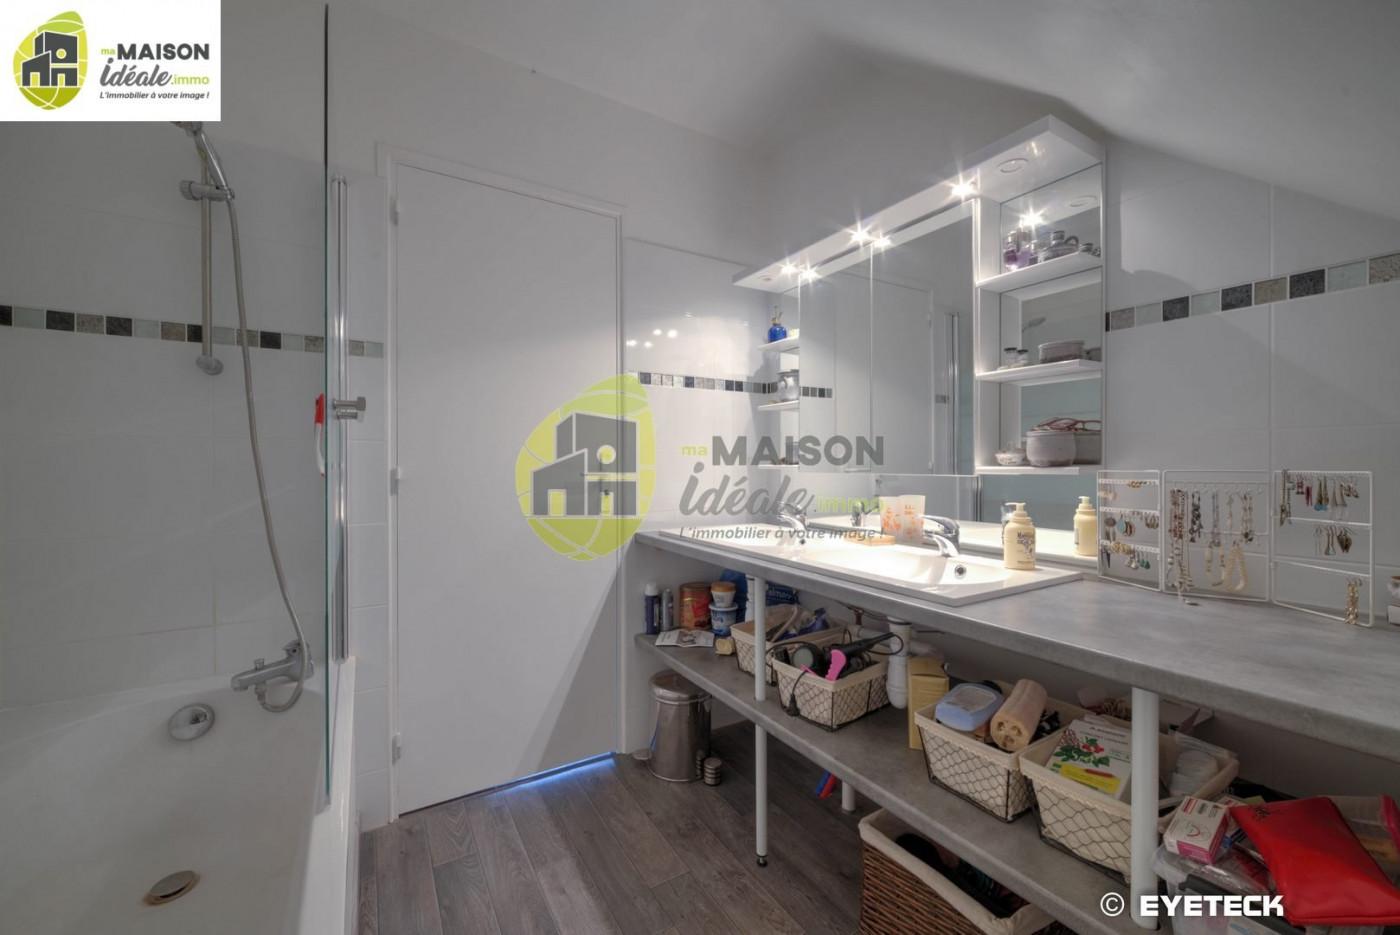 A vendre Bengy Sur Craon 36003560 Ma maison ideale